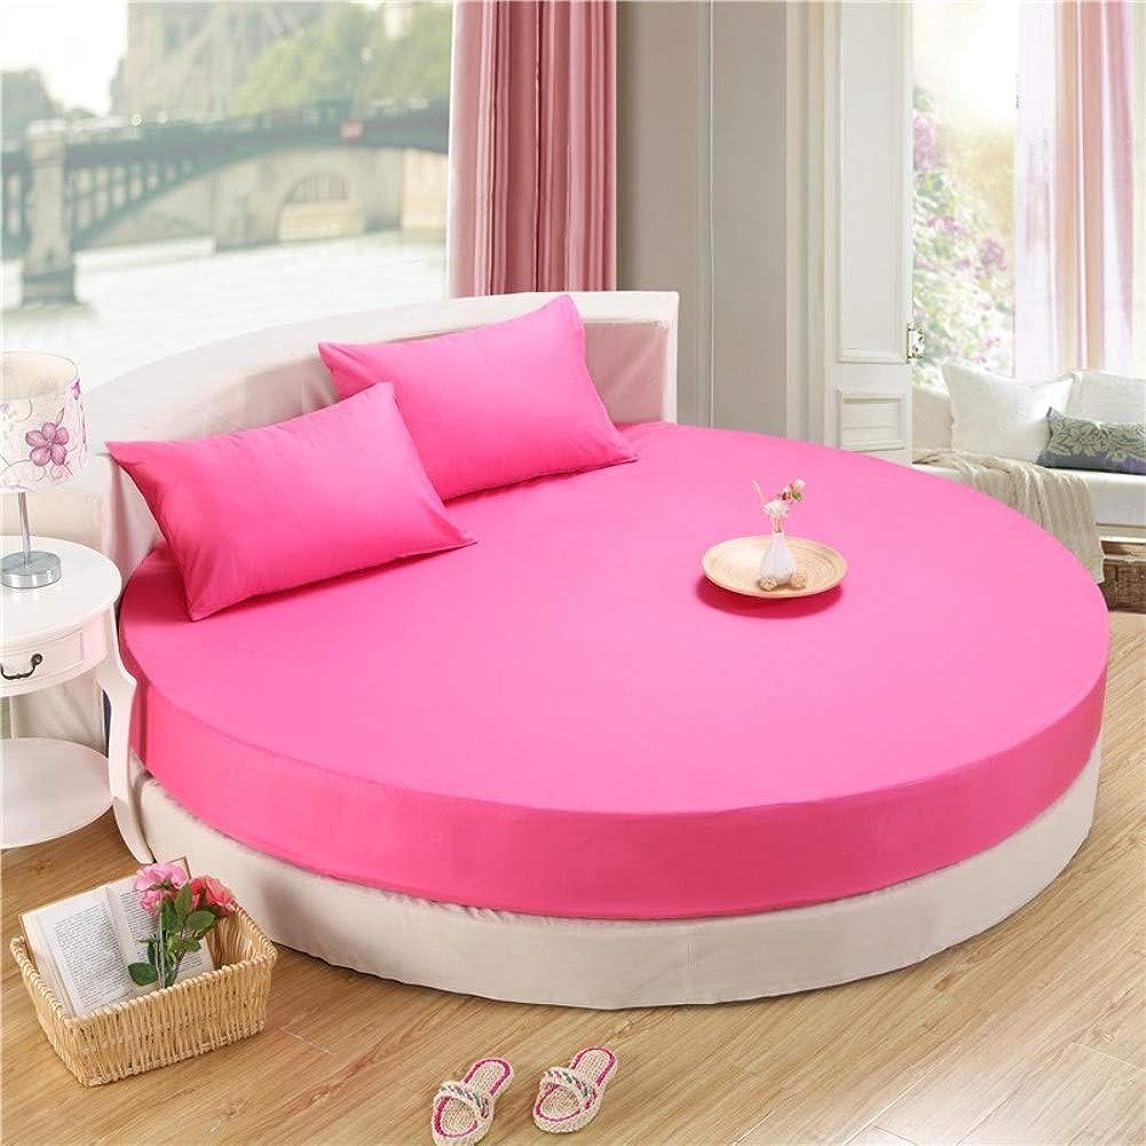 薬マニフェスト店員コットン ラウンド ベッド スカート,単色 ラウンド ベッド エキストラ ベッド,ベッド シート ベッド カバー 簡単なケア ほこりしわ ベッド カバー シート-R